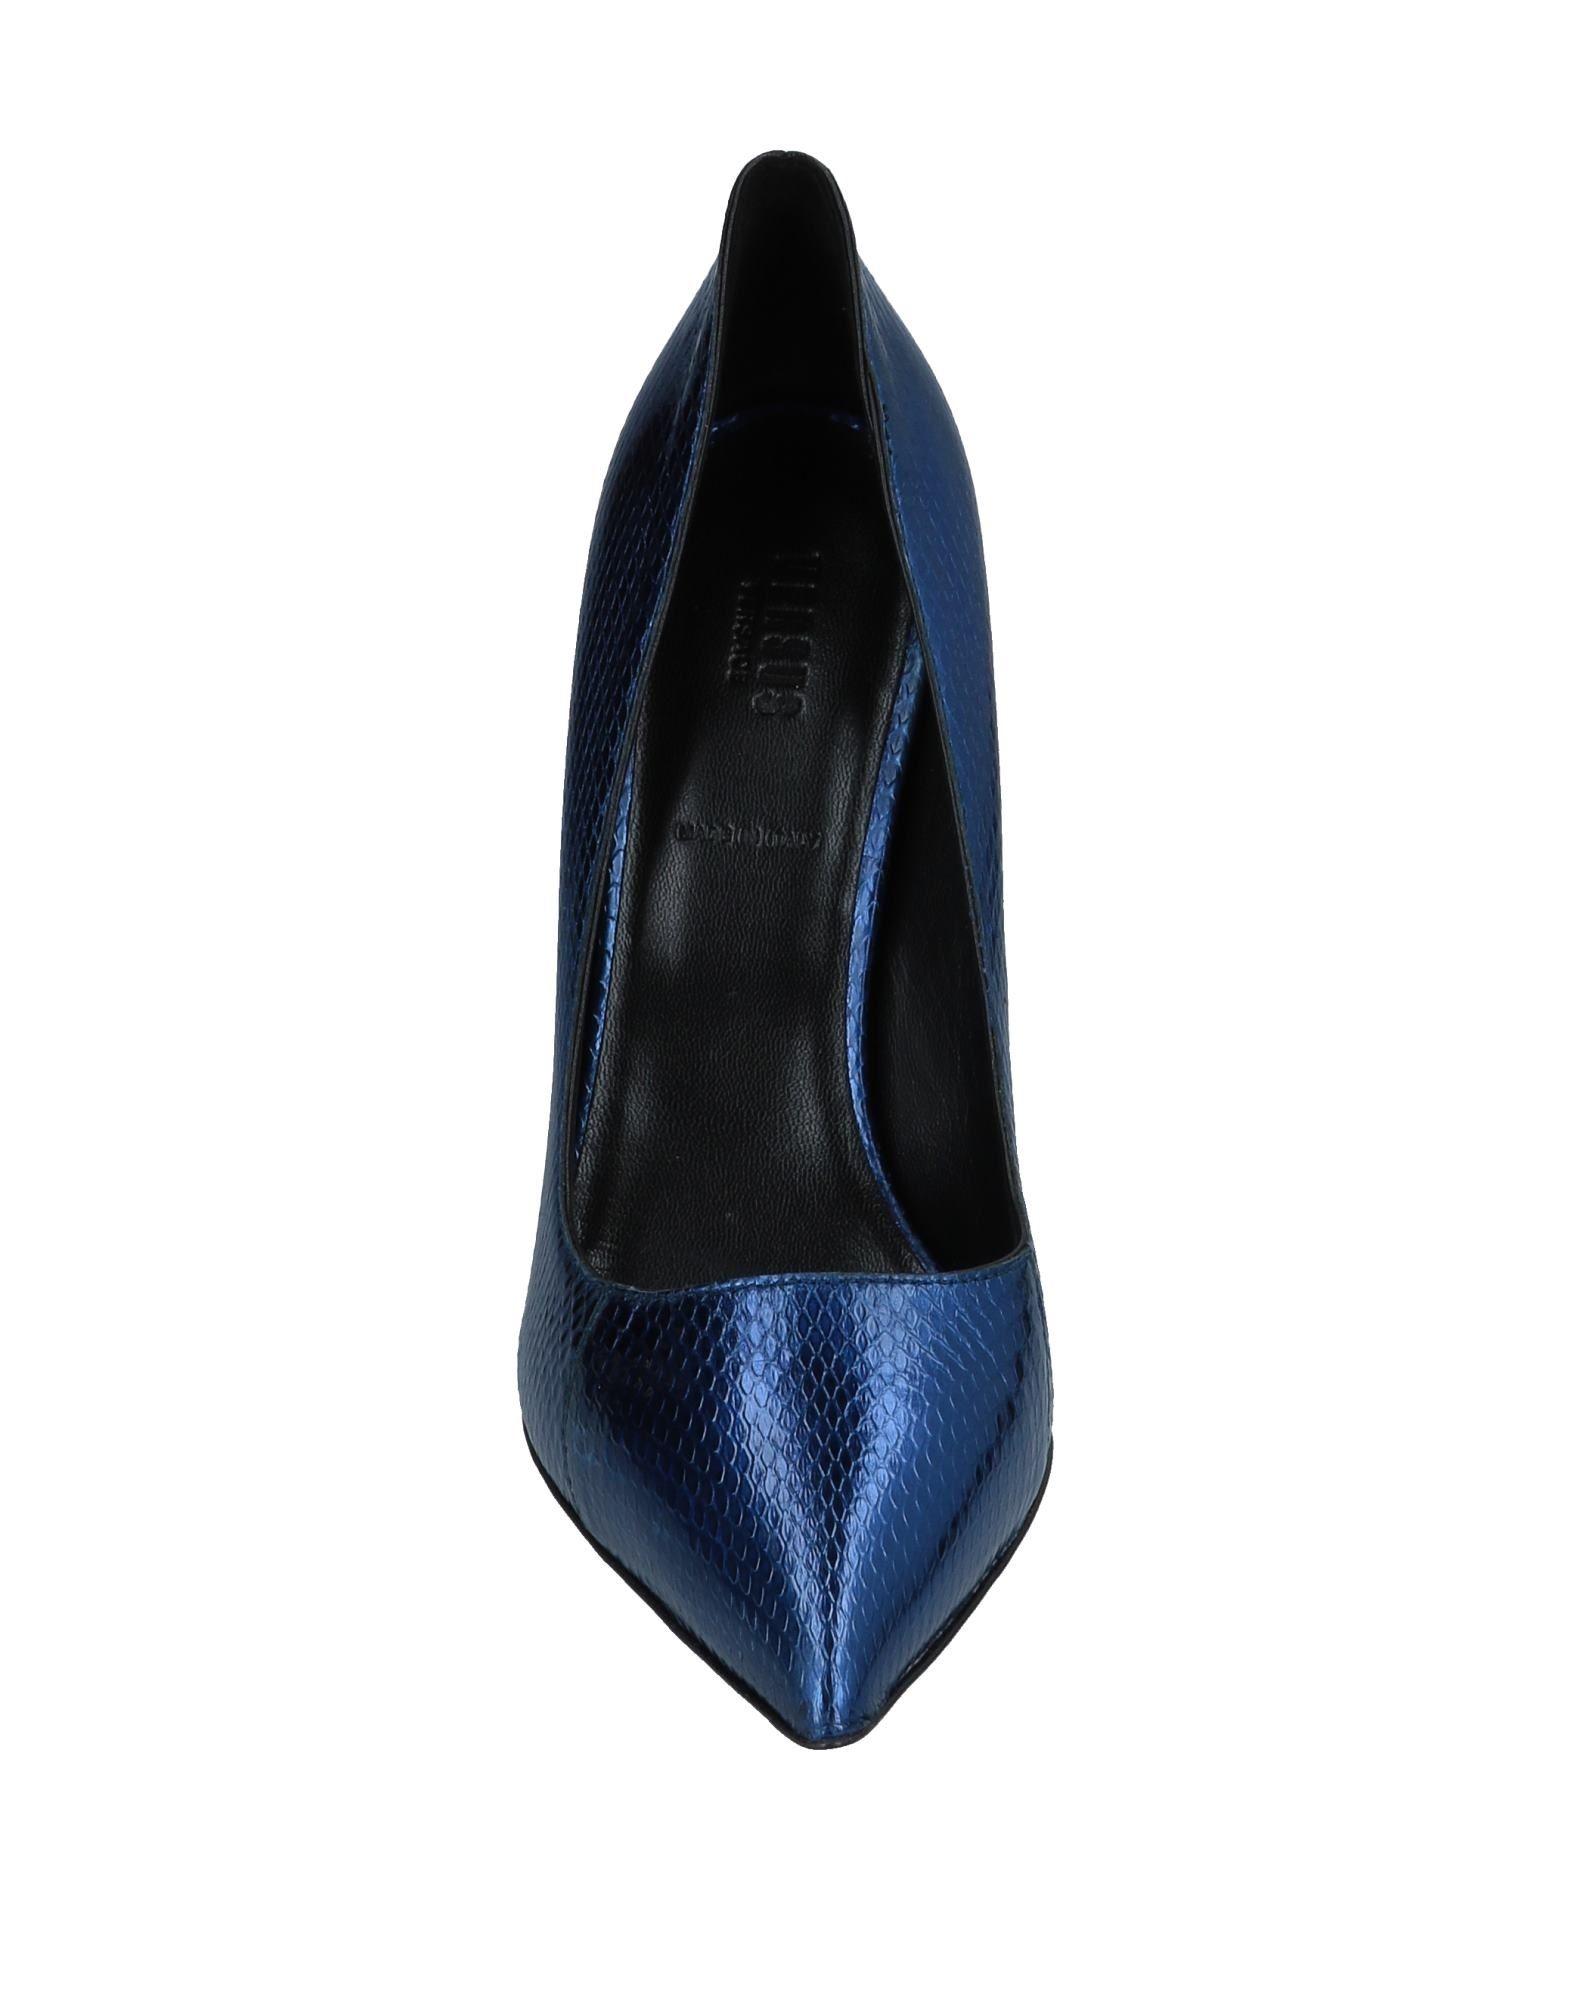 Rabatt Versace Schuhe Versus Versace Rabatt Pumps Damen  11563312GJ 4ba767